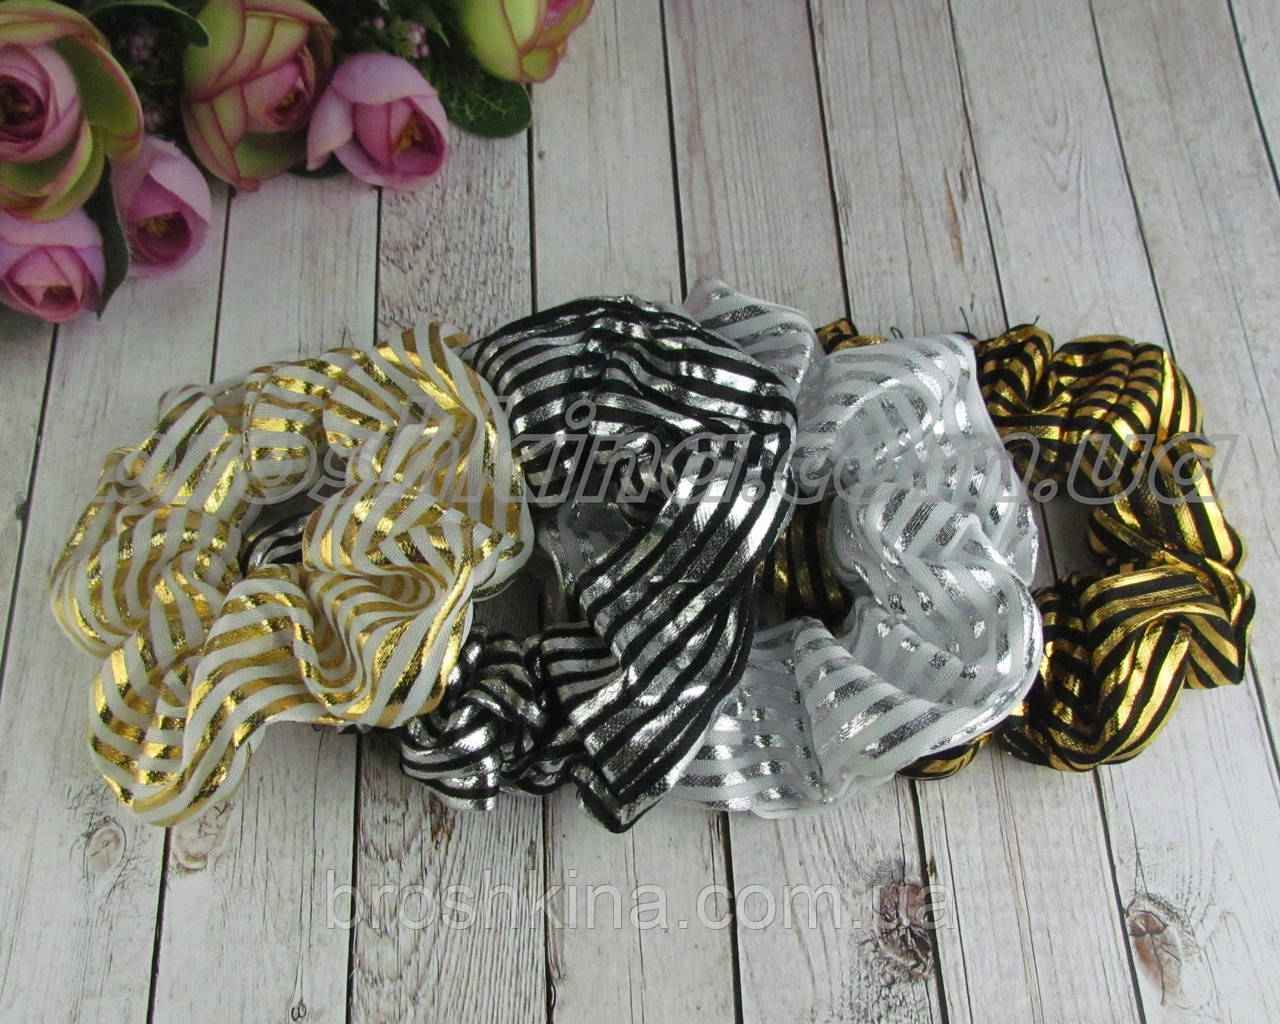 Объемные резинки для волос текстиль с накатом d 9 см 12 шт/уп.